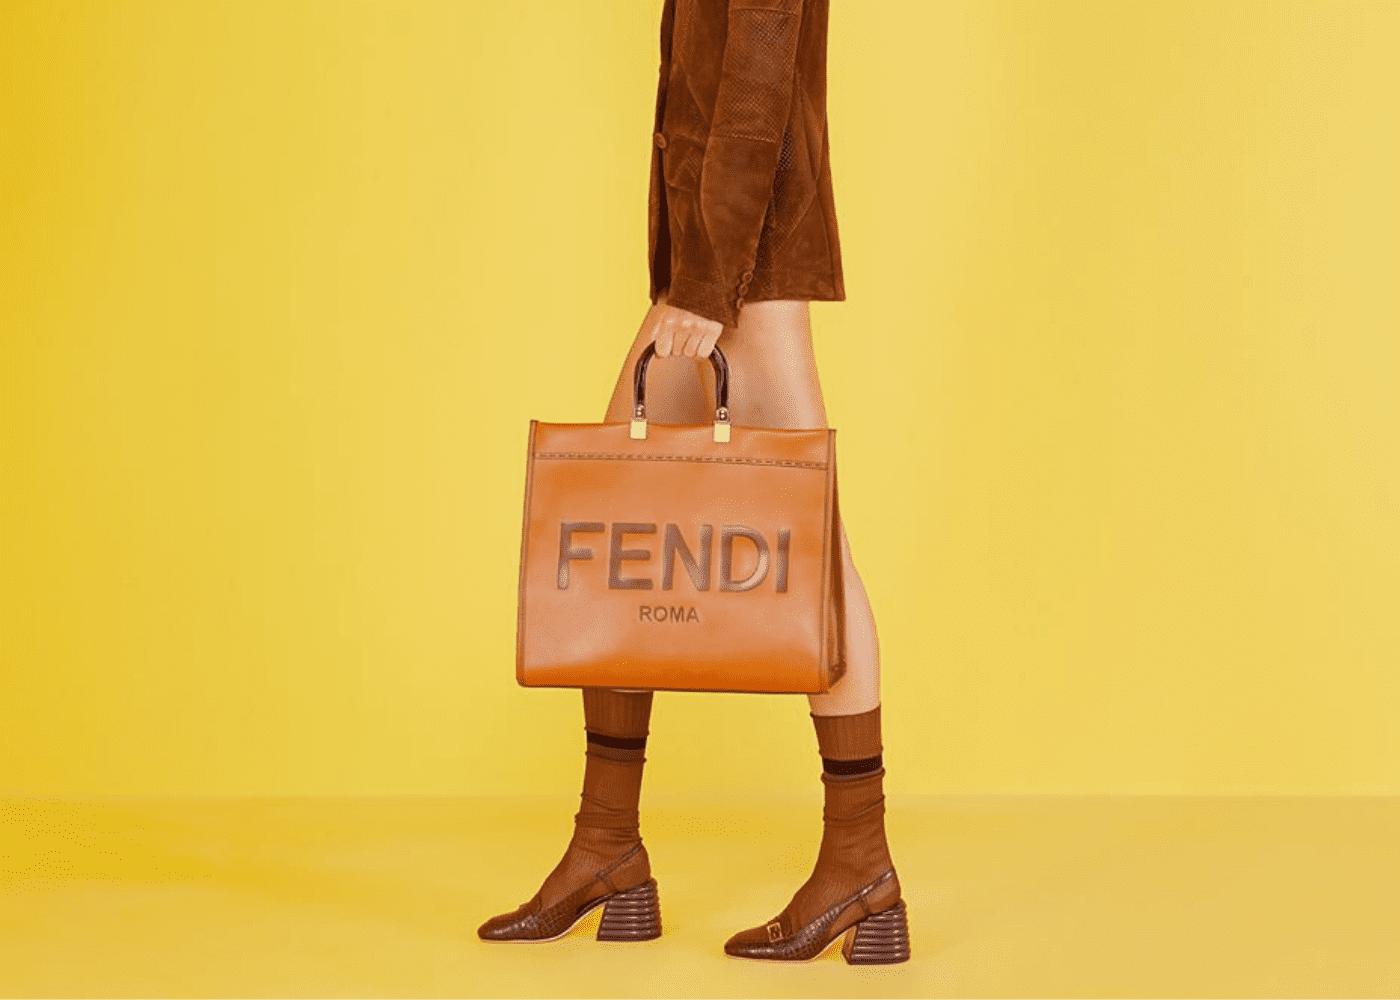 Spring Summer 2020 designer bags to shop online: Fendi Sunshine